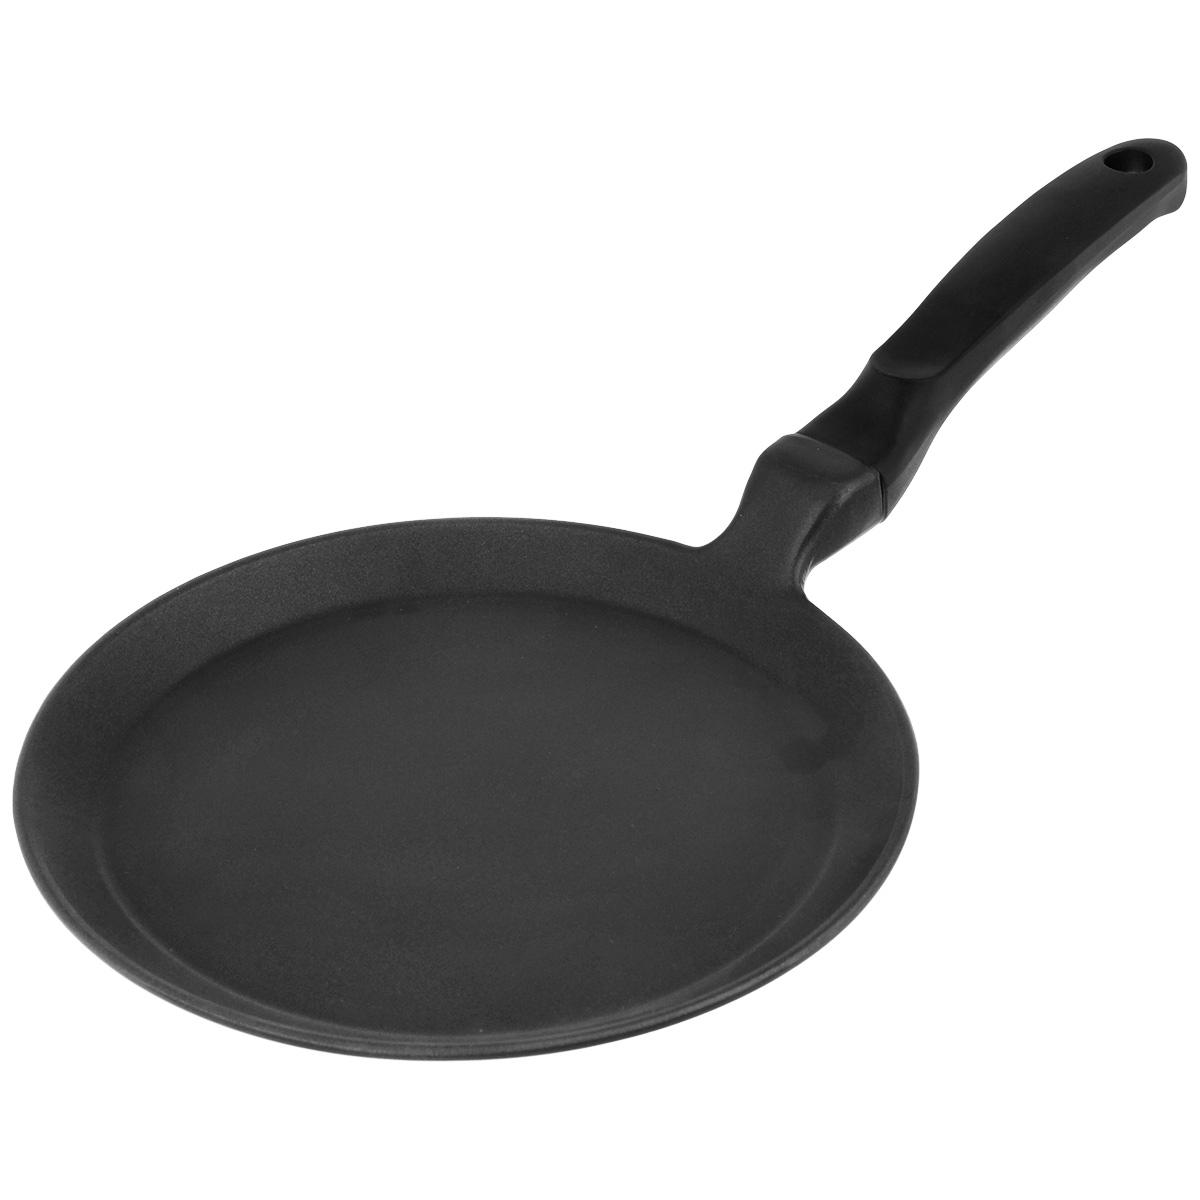 Сковорода блинная Risoli Saporella, с антипригарным покрытием. Диаметр 25 см391602Сковорода блинная Risoli Saporella изготовлена из литого алюминия с антипригарным покрытием. Сковорода идеальна для приготовления пищи с минимальным количеством масла. Изделие оснащено удобной бакелитовой ручкой.Подходит для газовых и электрических плит. Не подходит для индукционных плит. Можно мыть в посудомоечной машине.Диаметр (по верхнему краю): 25 см.Высота: 1,8 см.Длина ручки: 17 см.Толщина стенки: 4 мм.Толщина дна: 5 мм.